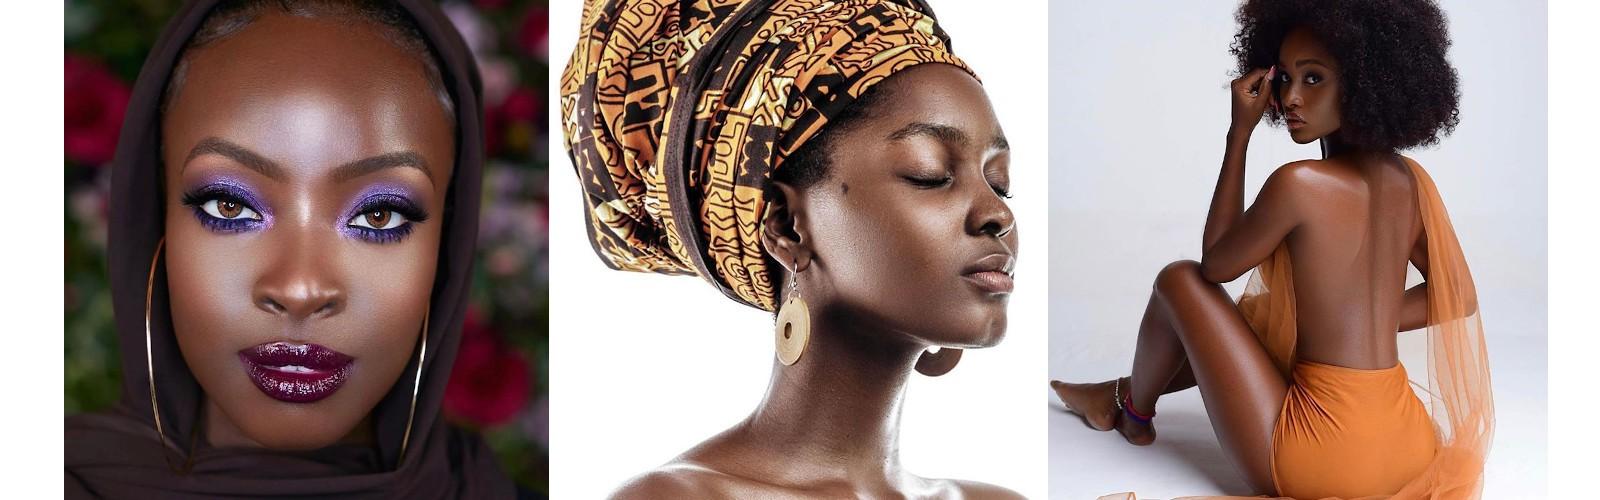 Mode et beauté